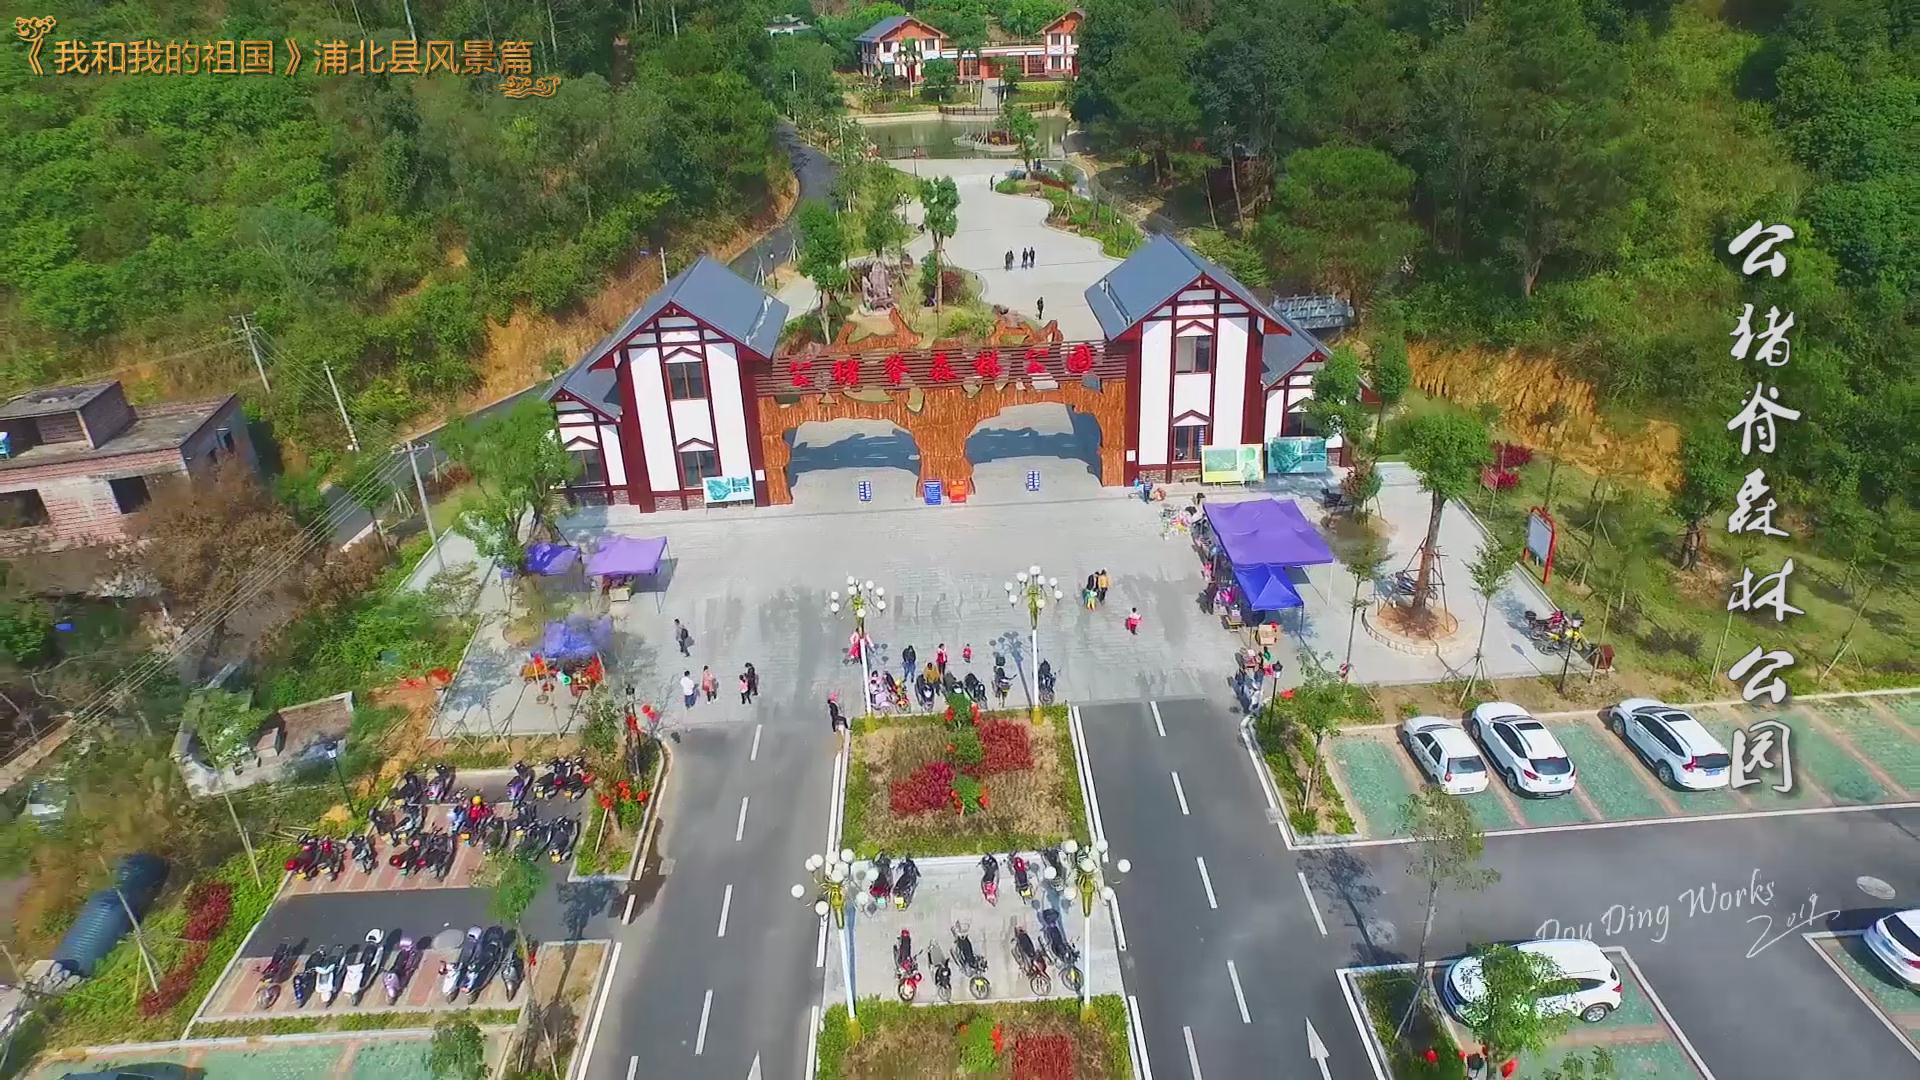 《我和我的祖国》浦北县风景篇9.jpg